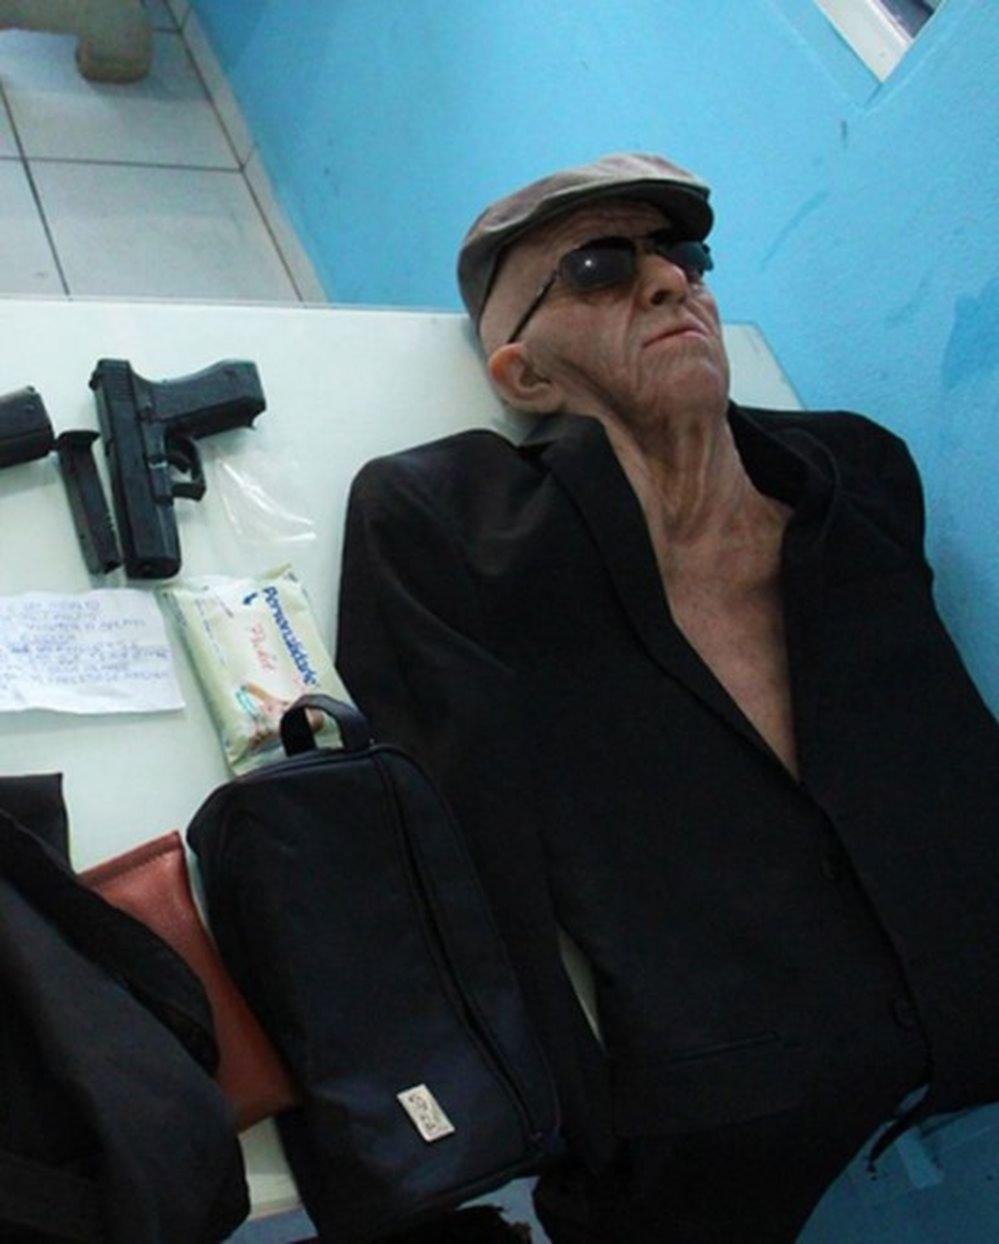 Brasil: intentó asaltar un banco disfrazado de anciano y con una pistola de juguete